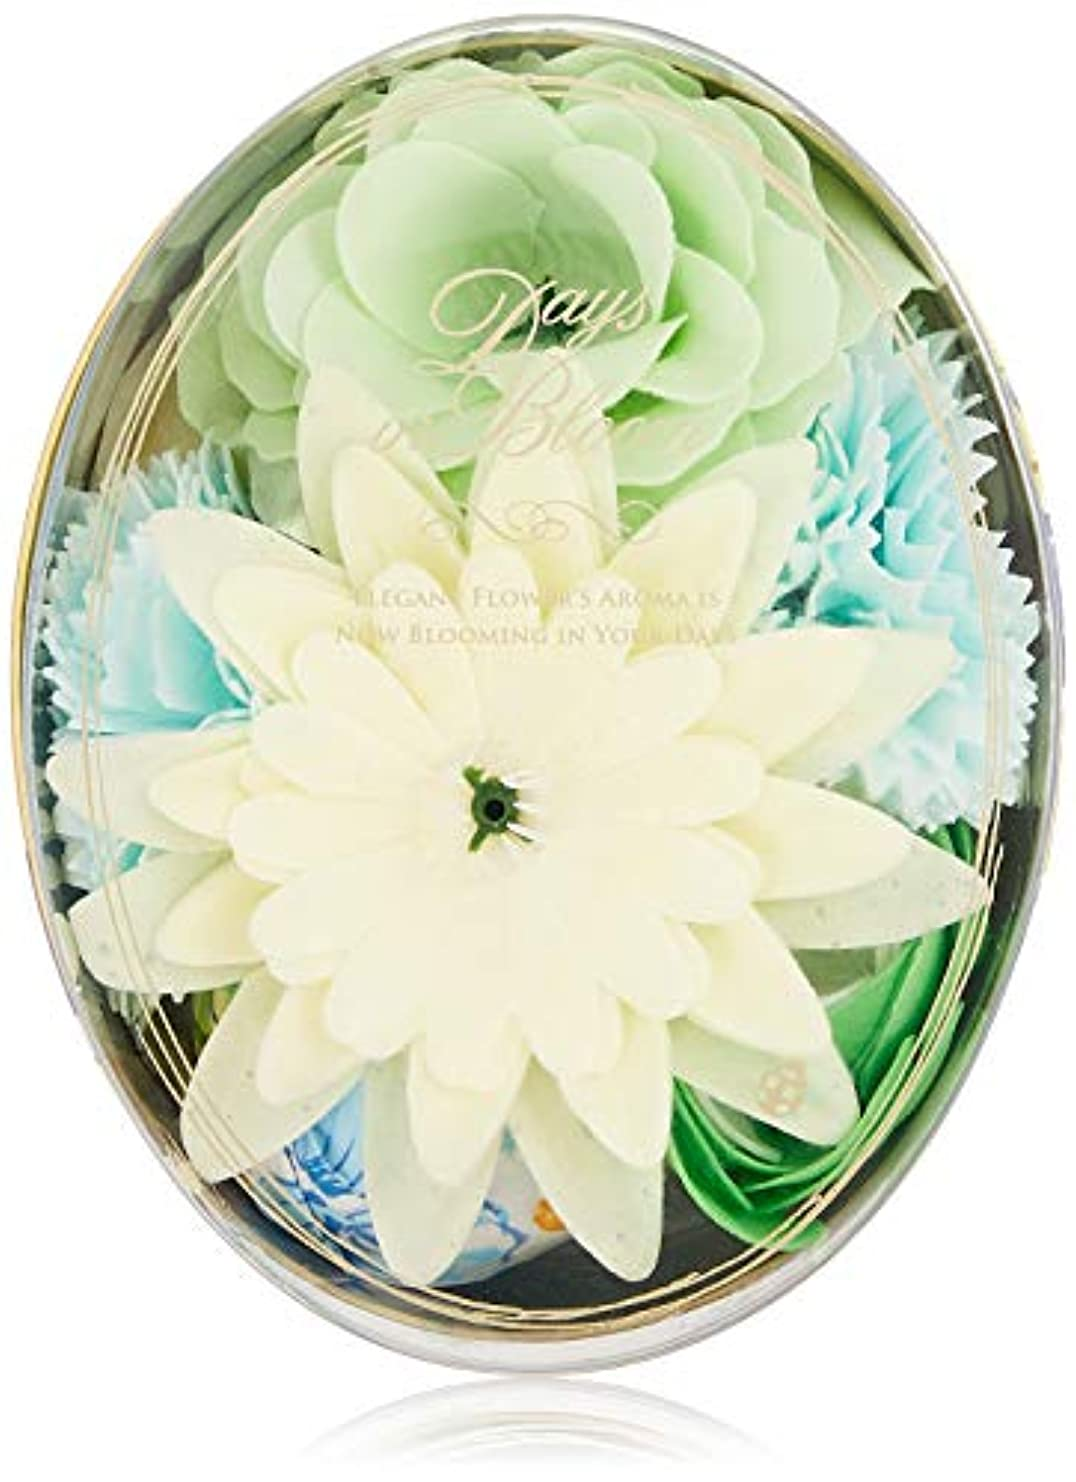 落とし穴ブロンズ区別するデイズインブルーム バスセットオーバル ガーデニア (入浴料 お花の形のバスギフト)